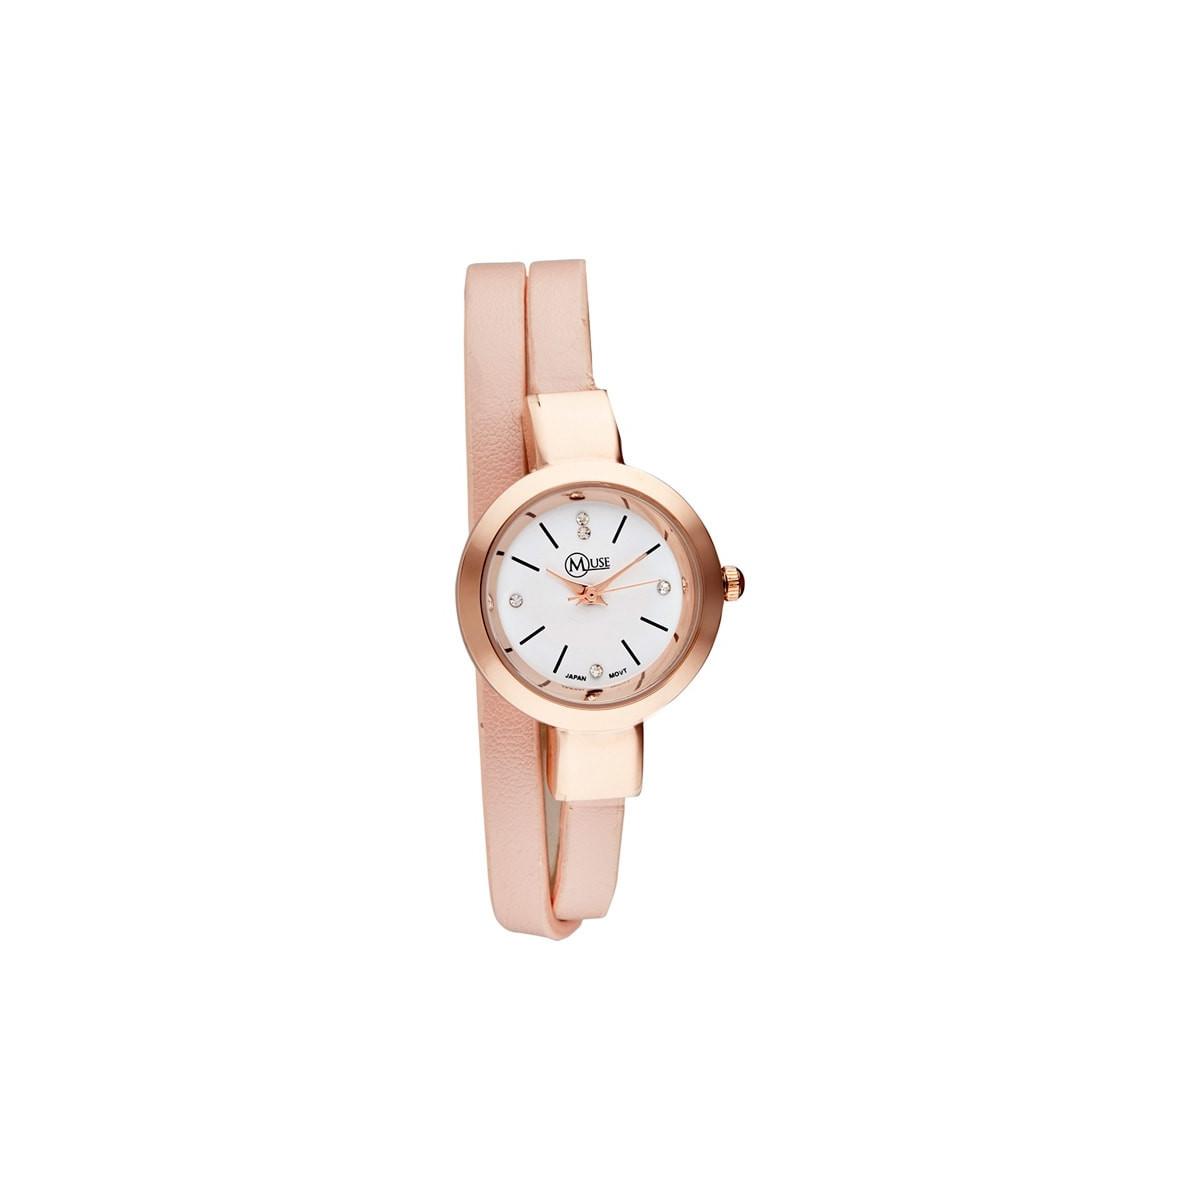 """Muse - Montre Femme """"Elysée"""" - boîtier rosé bracelet rose"""